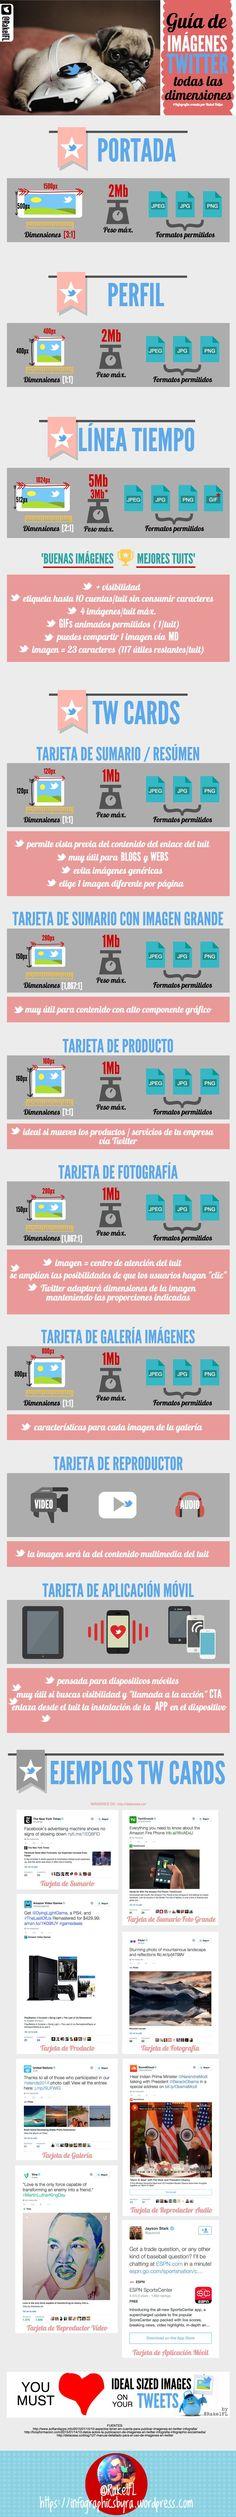 Esta infografía es una completa guía, actualizada y en vigor, de las dimensiones de las imágenes que debemos tener en cuenta para la red social Twitter.